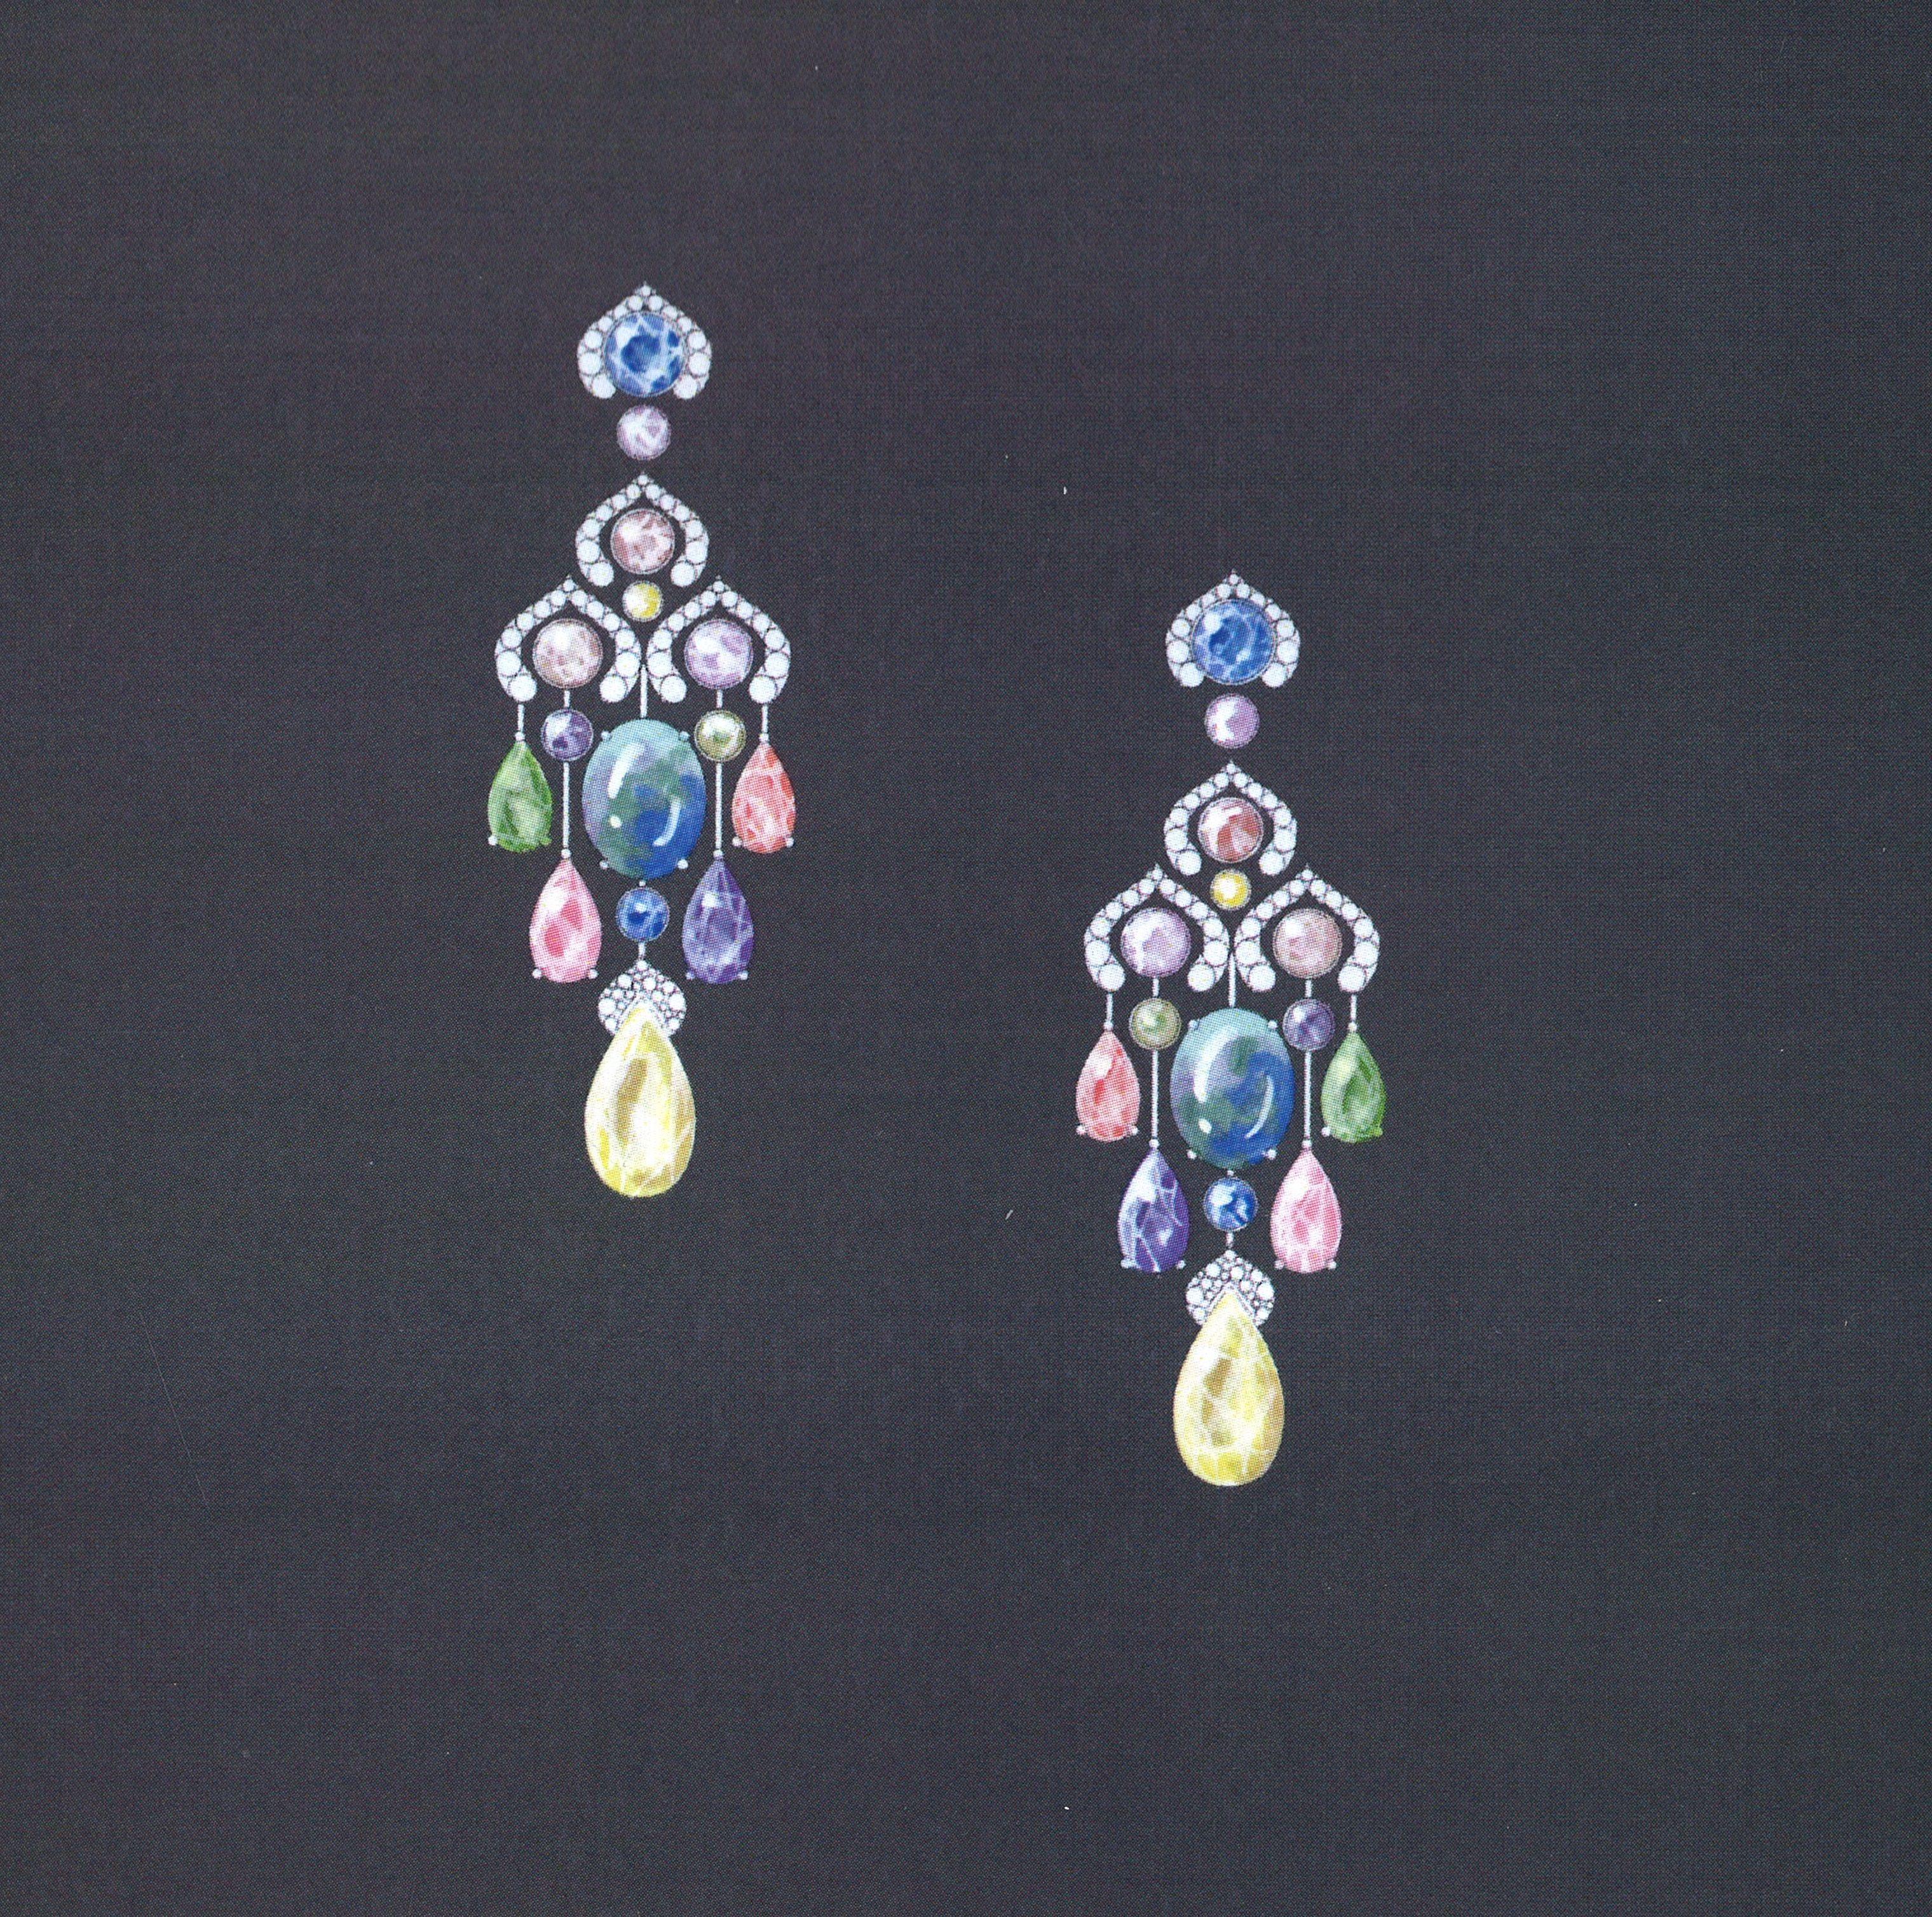 Sketch Of The Fabergé Délices D Éte Black Opal Chandelier Earrings